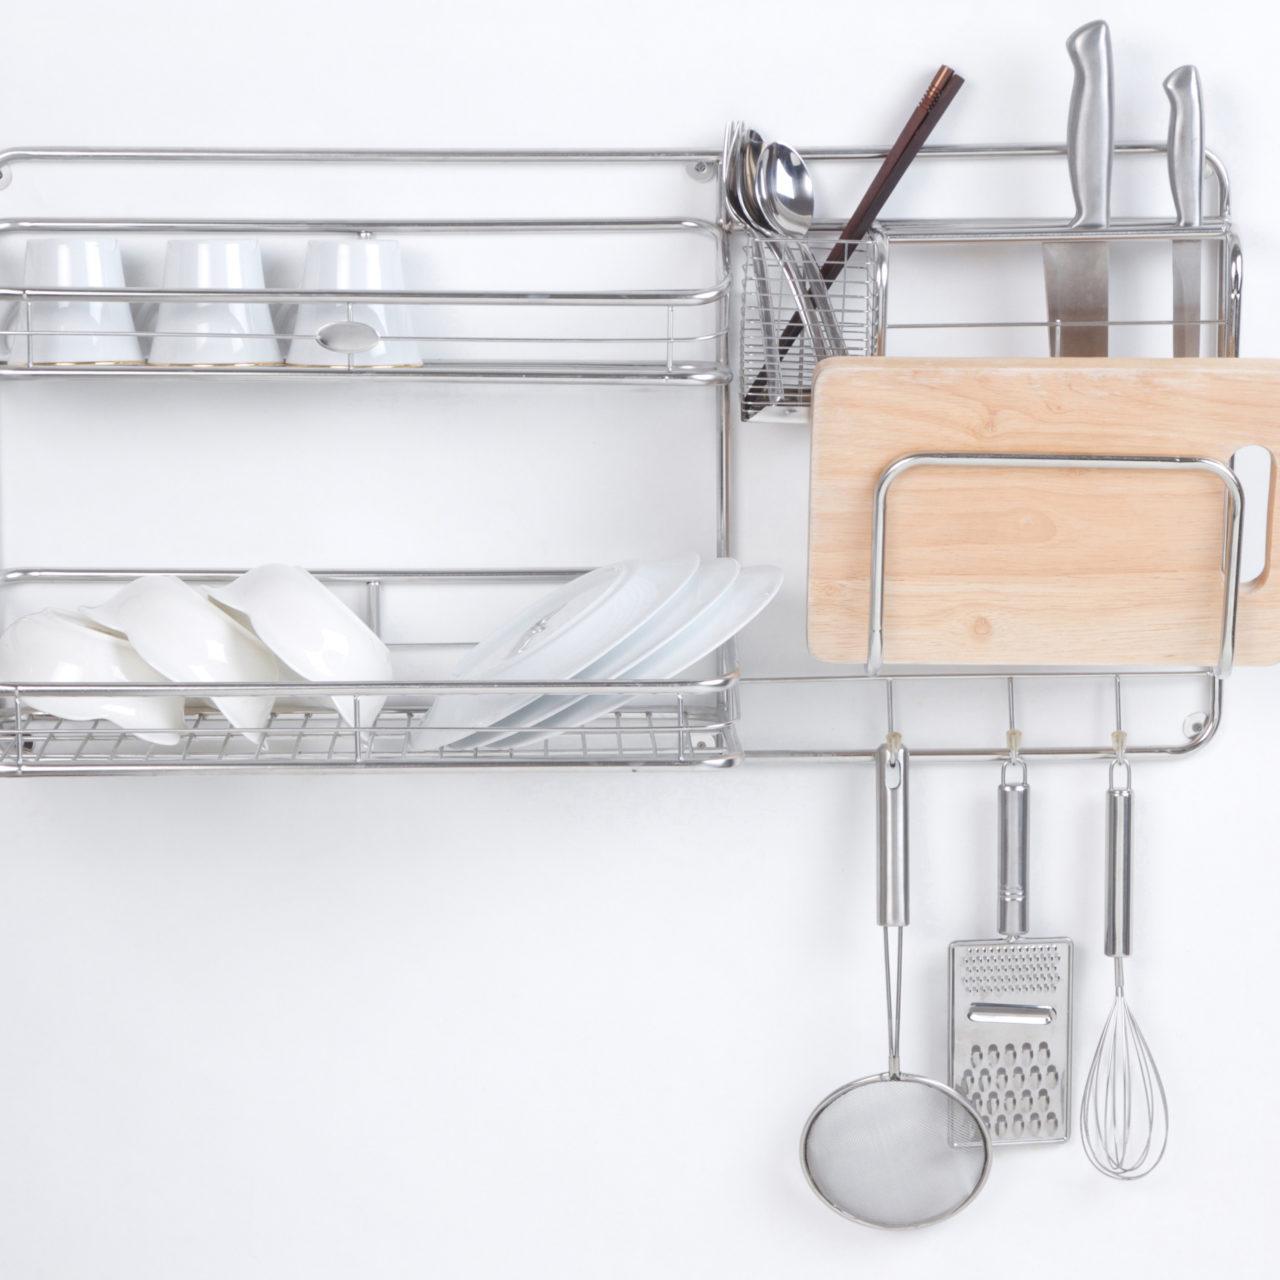 https://wudbell.com/wp-content/uploads/2020/03/Kitchen-Organiser-1280x1280.jpg